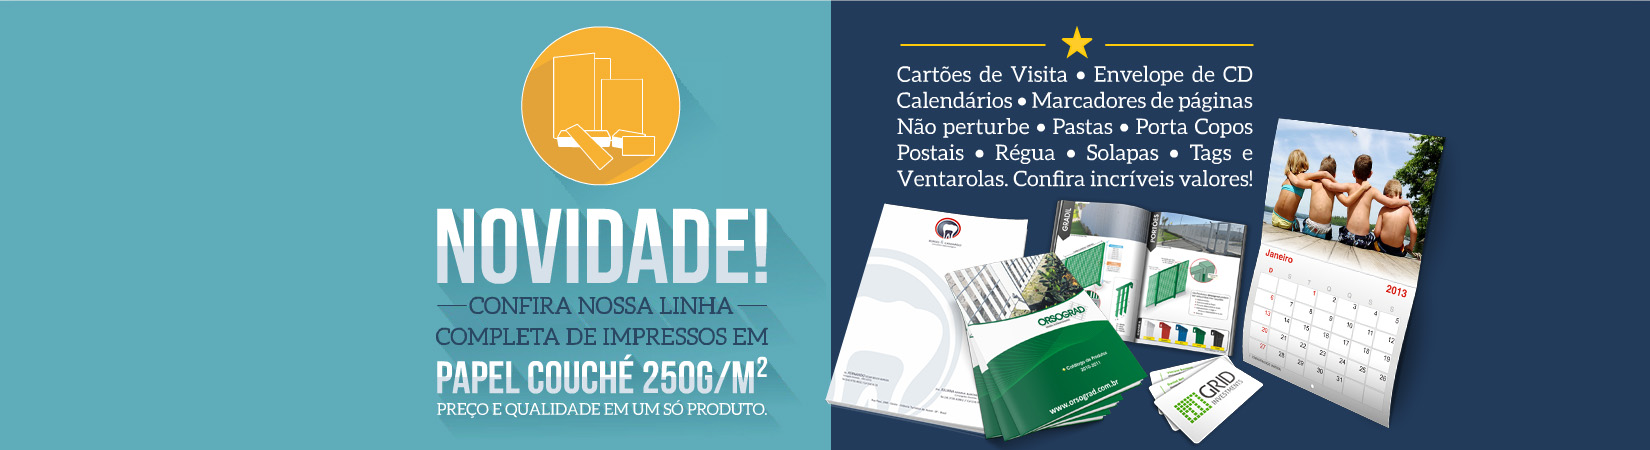 Slider - Cartões de Visita, São Paulo, SP